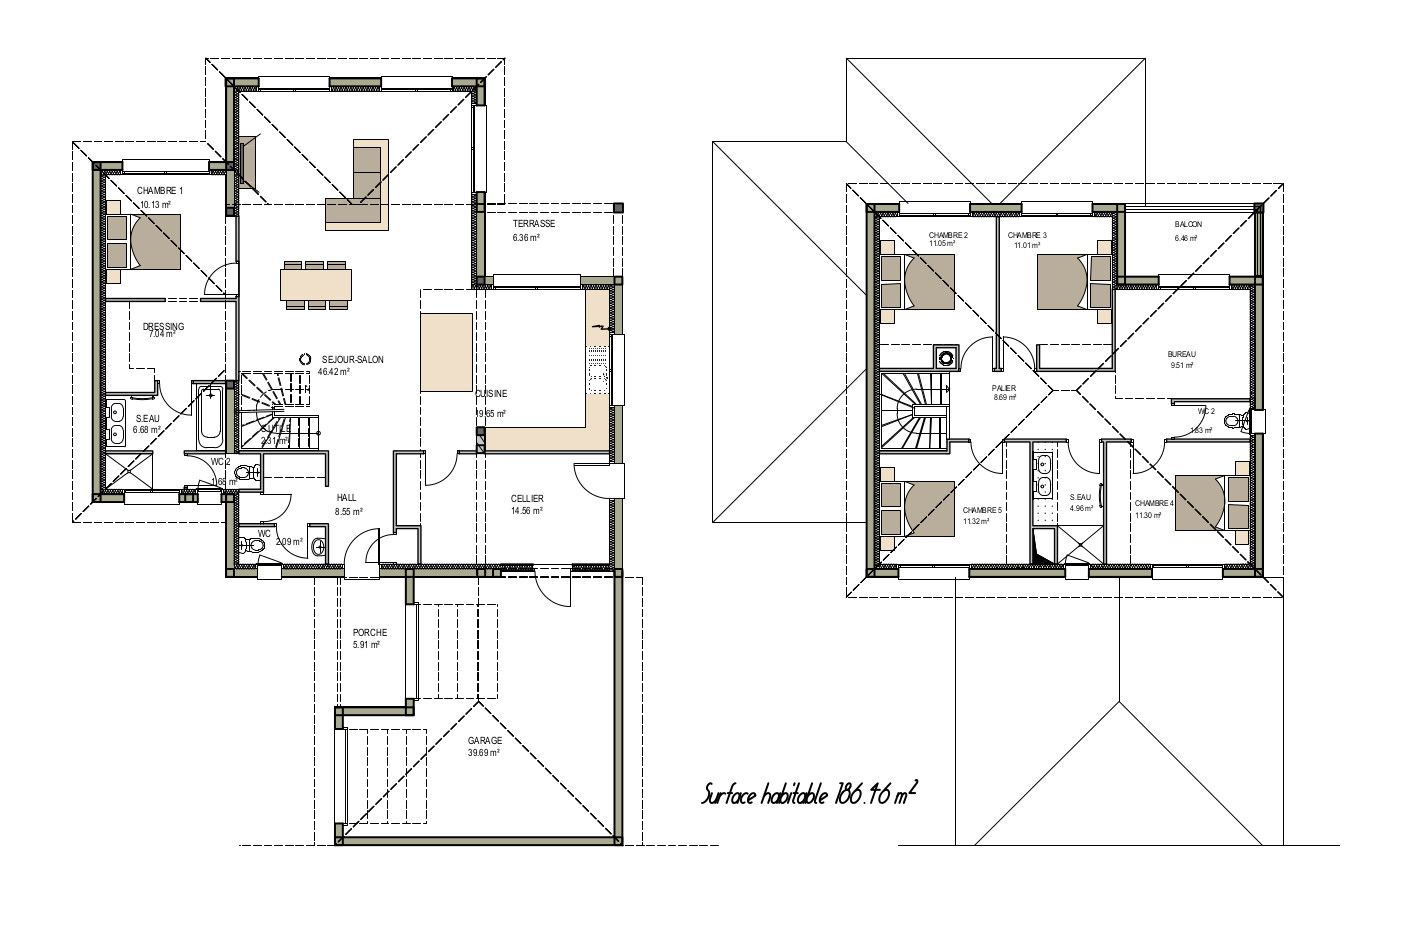 Charming Plan Maison Sur Mesure. Ariane Constructions, Constructeur De Maisons  Modernes En Gironde Met En